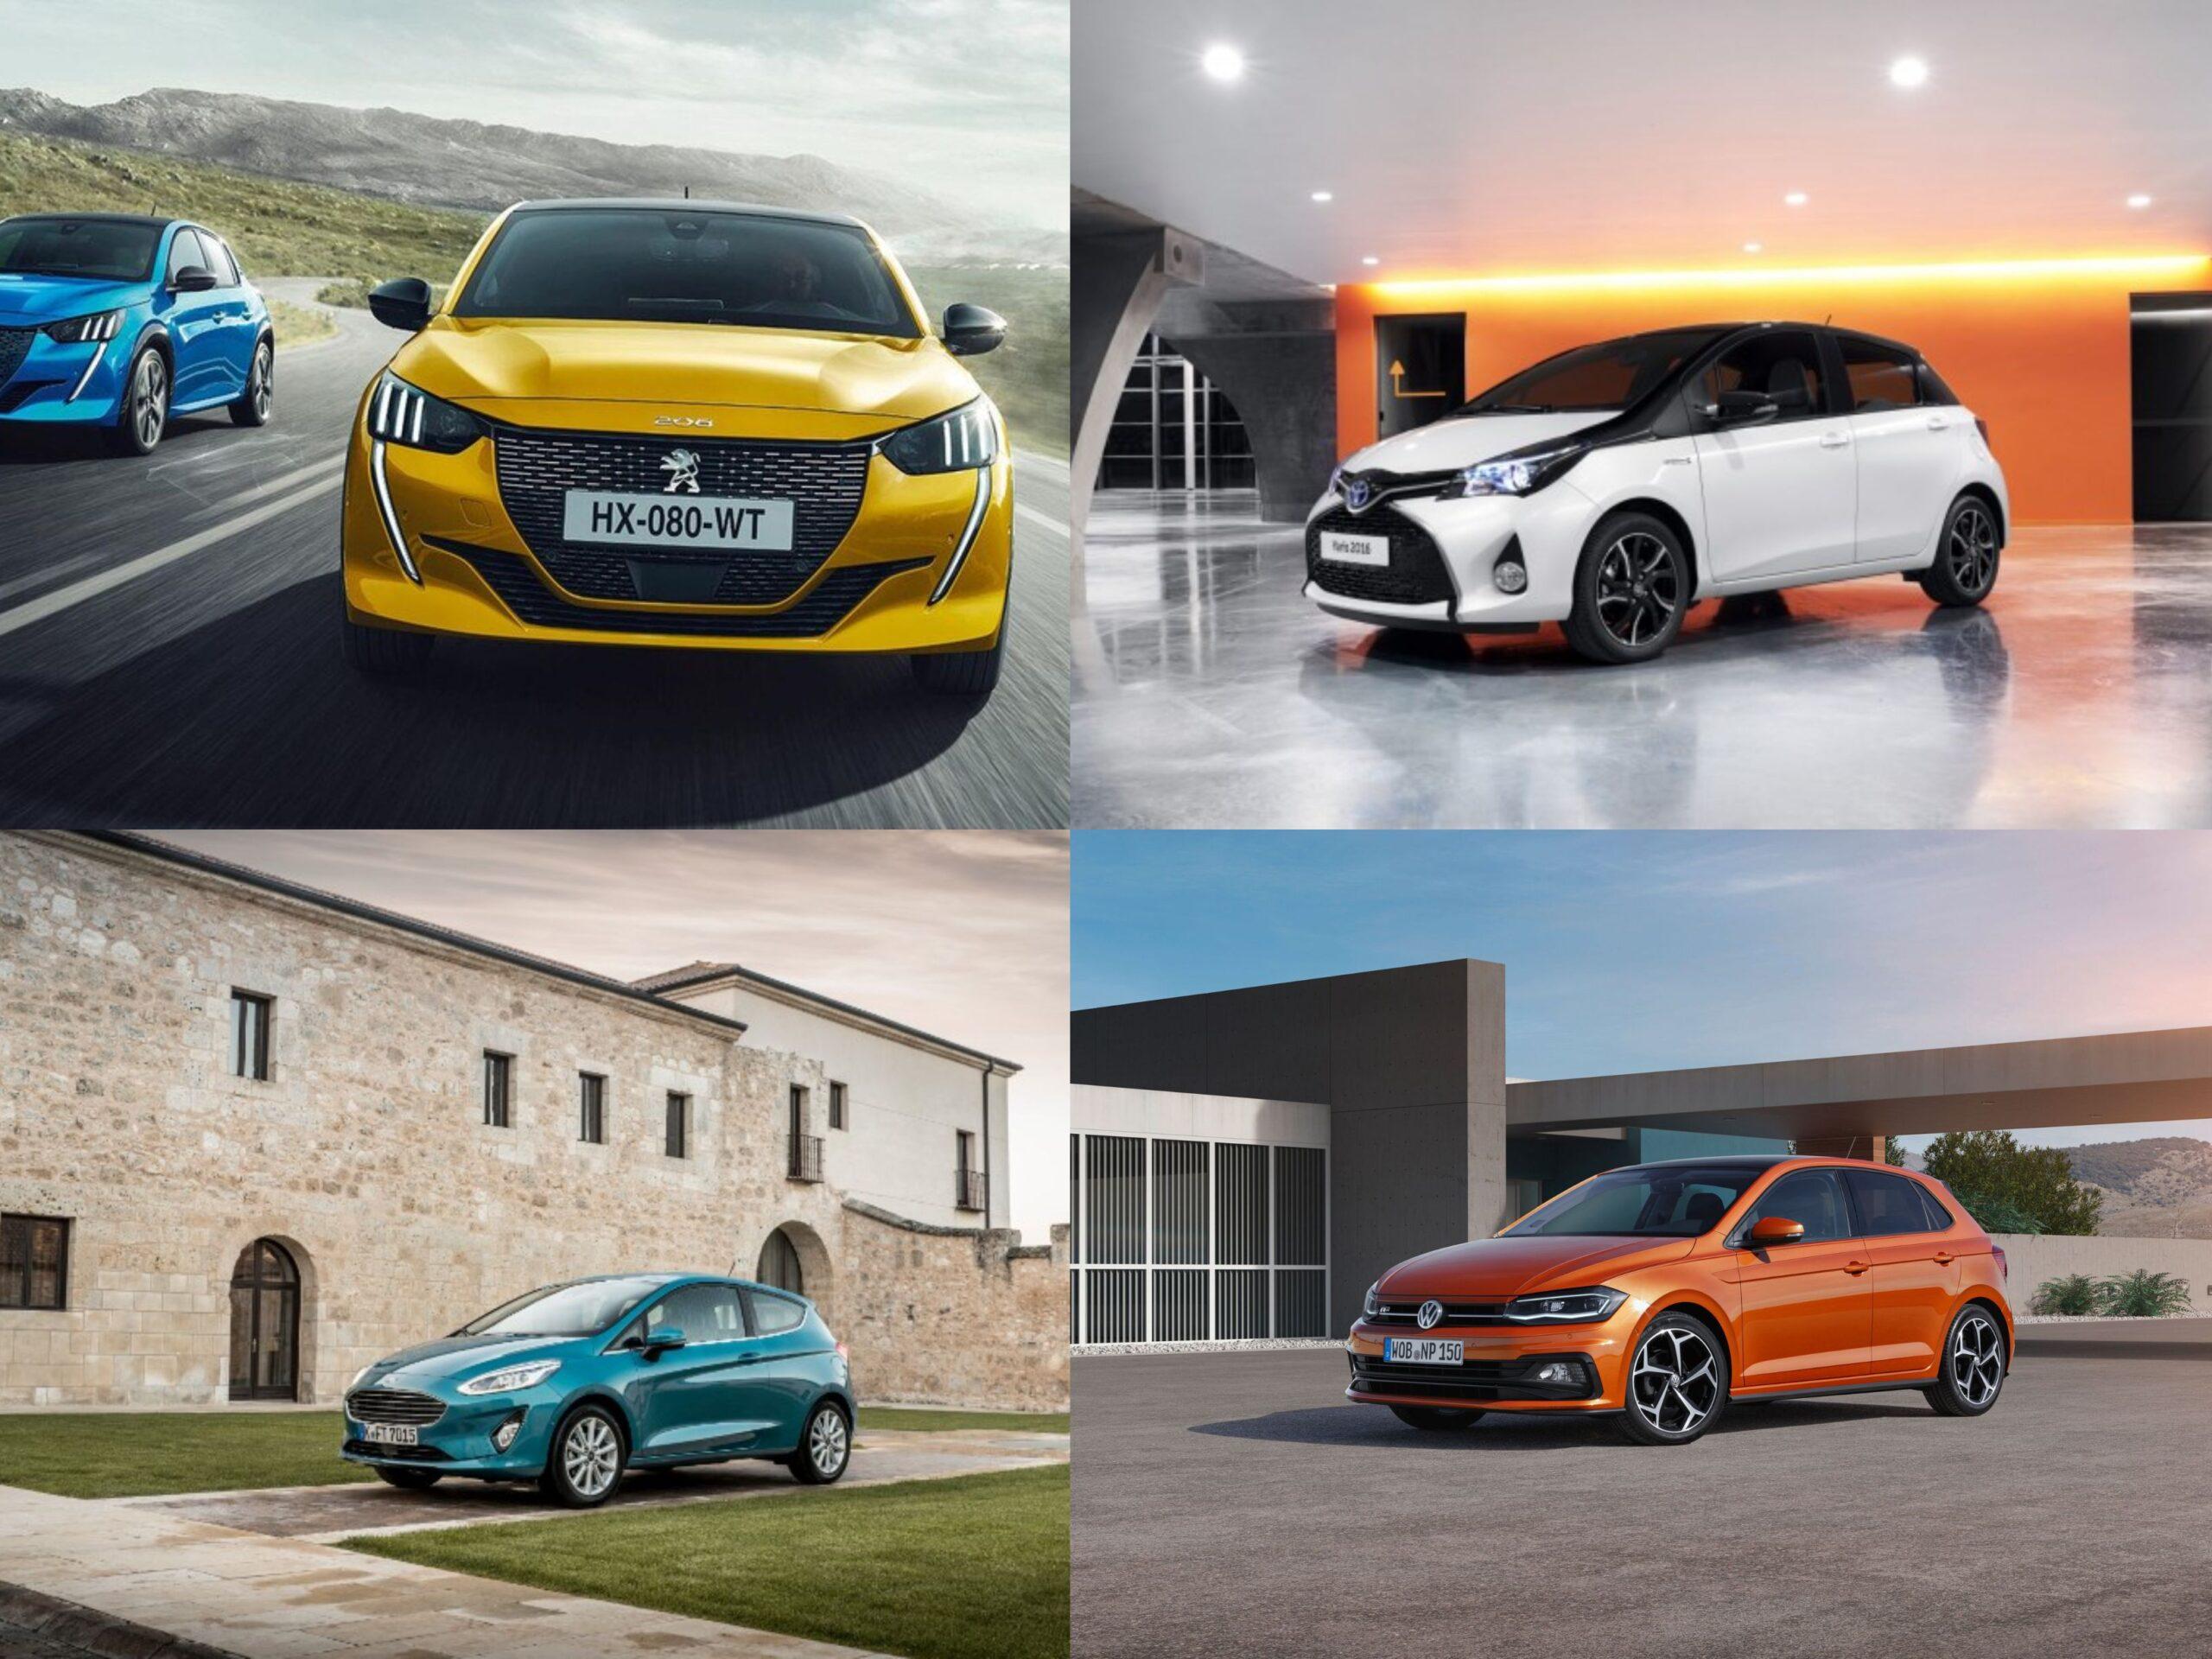 Le 5 migliori auto sotto i 20.000 euro.